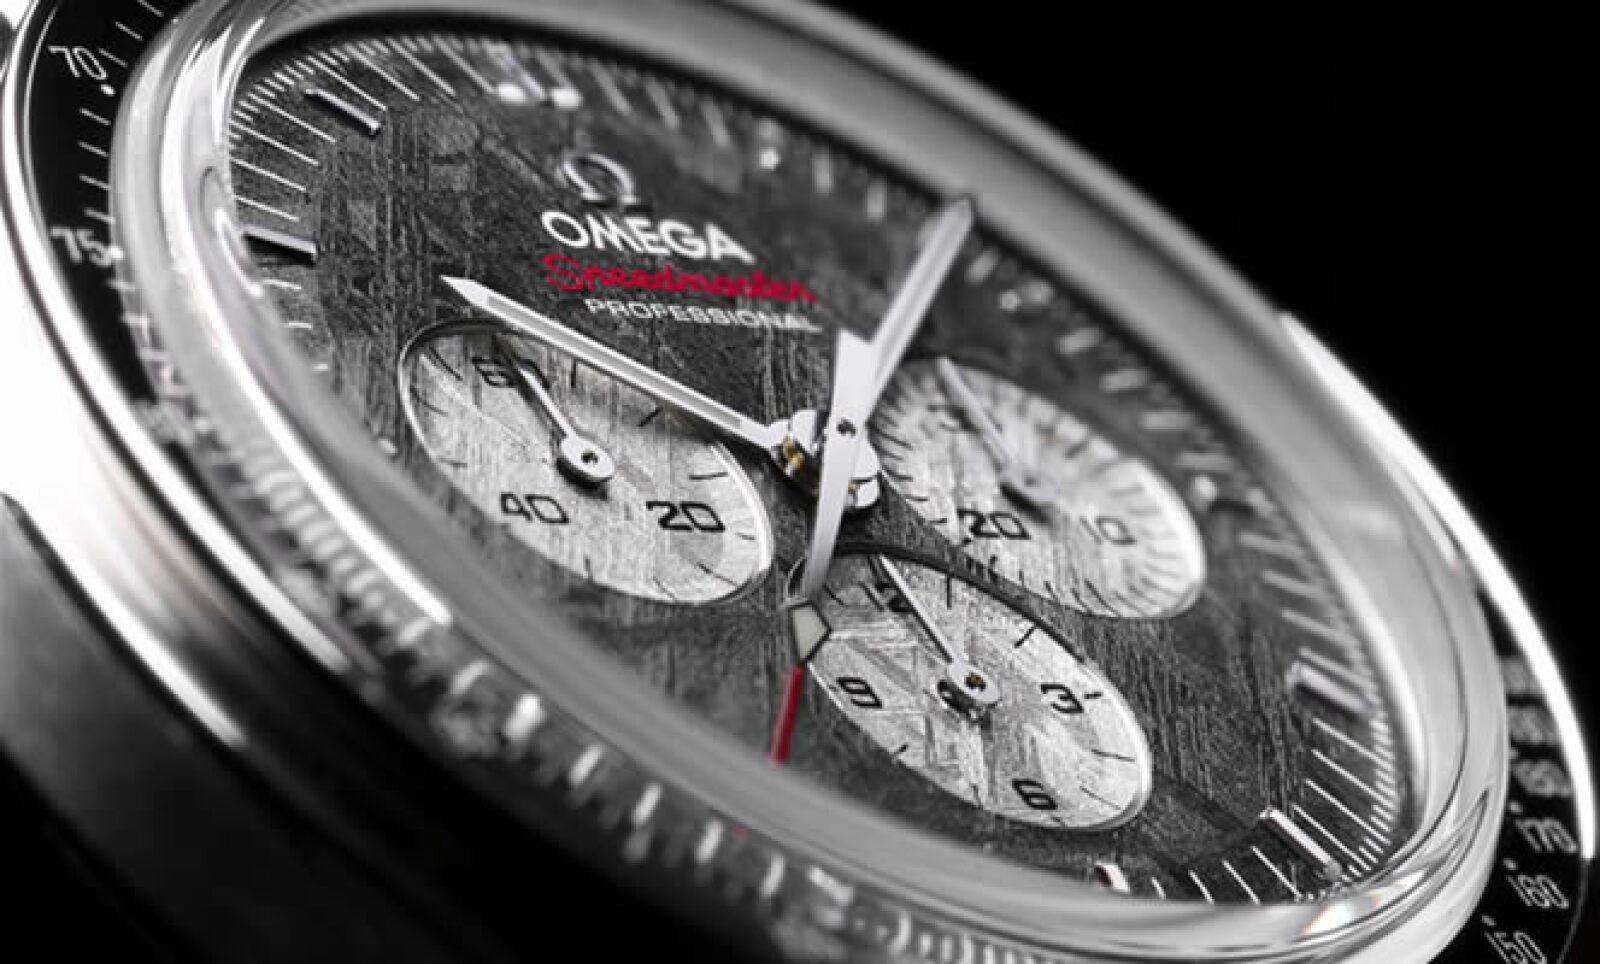 En Basel, Suiza, se lleva a cabo una de las ferias más importantes y exclusivas del mundo de los relojes. Para muestra, tenemos este diseño que cuenta con una una carátula que integra meteorito auténtico extraído de Namibia, África.